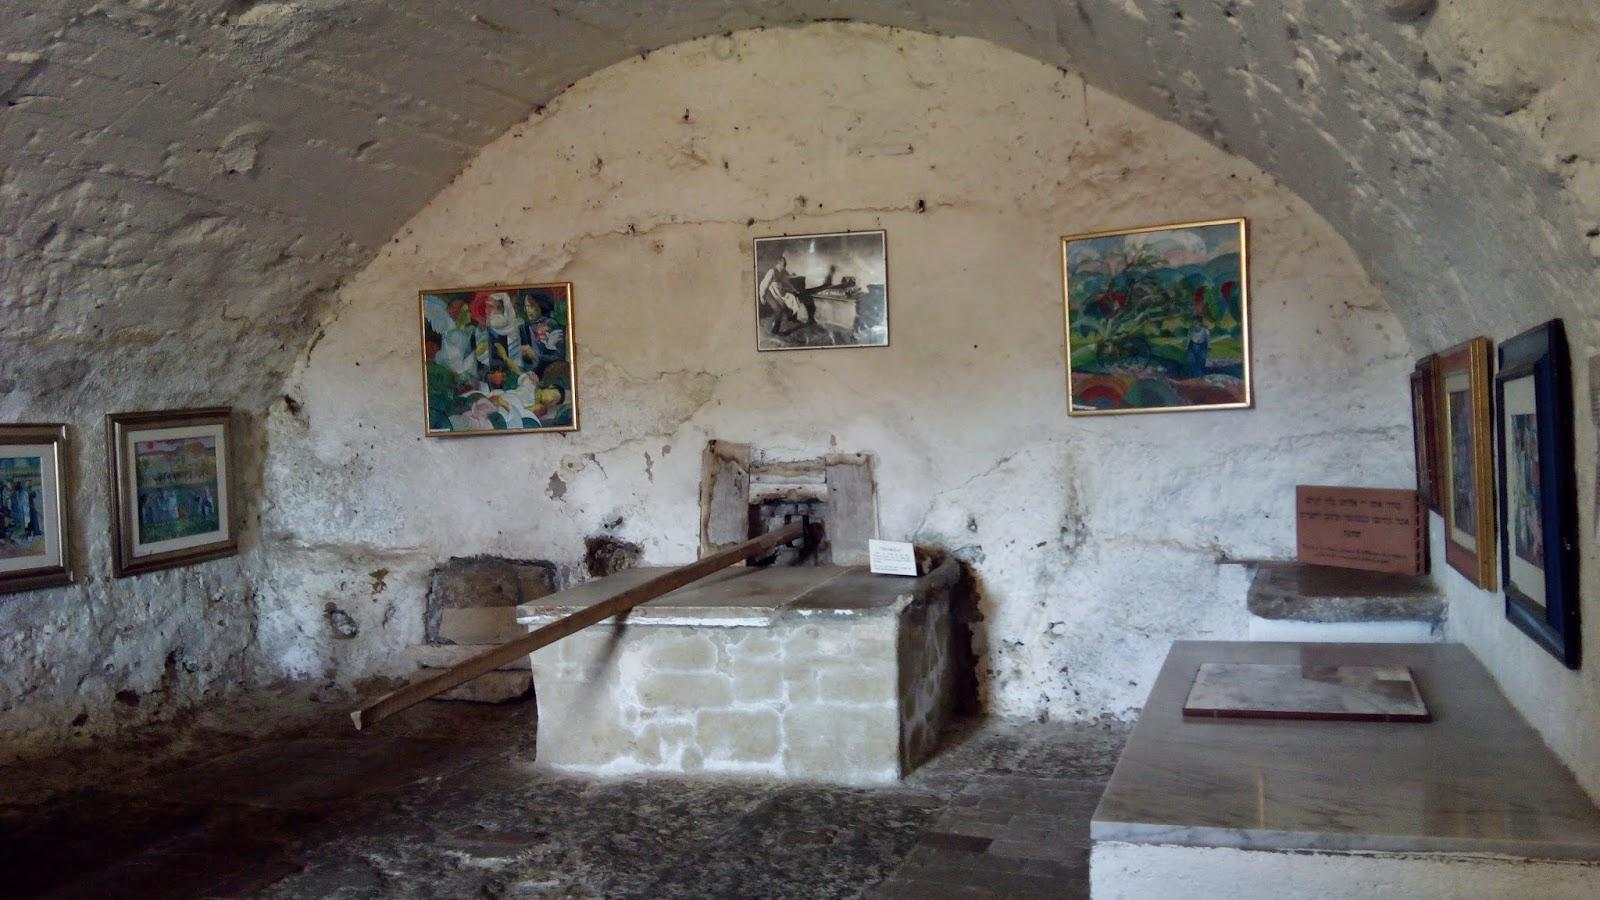 Pitigliano forno2 - Pitigliano, cultura e vinho na Toscana da Maremma!